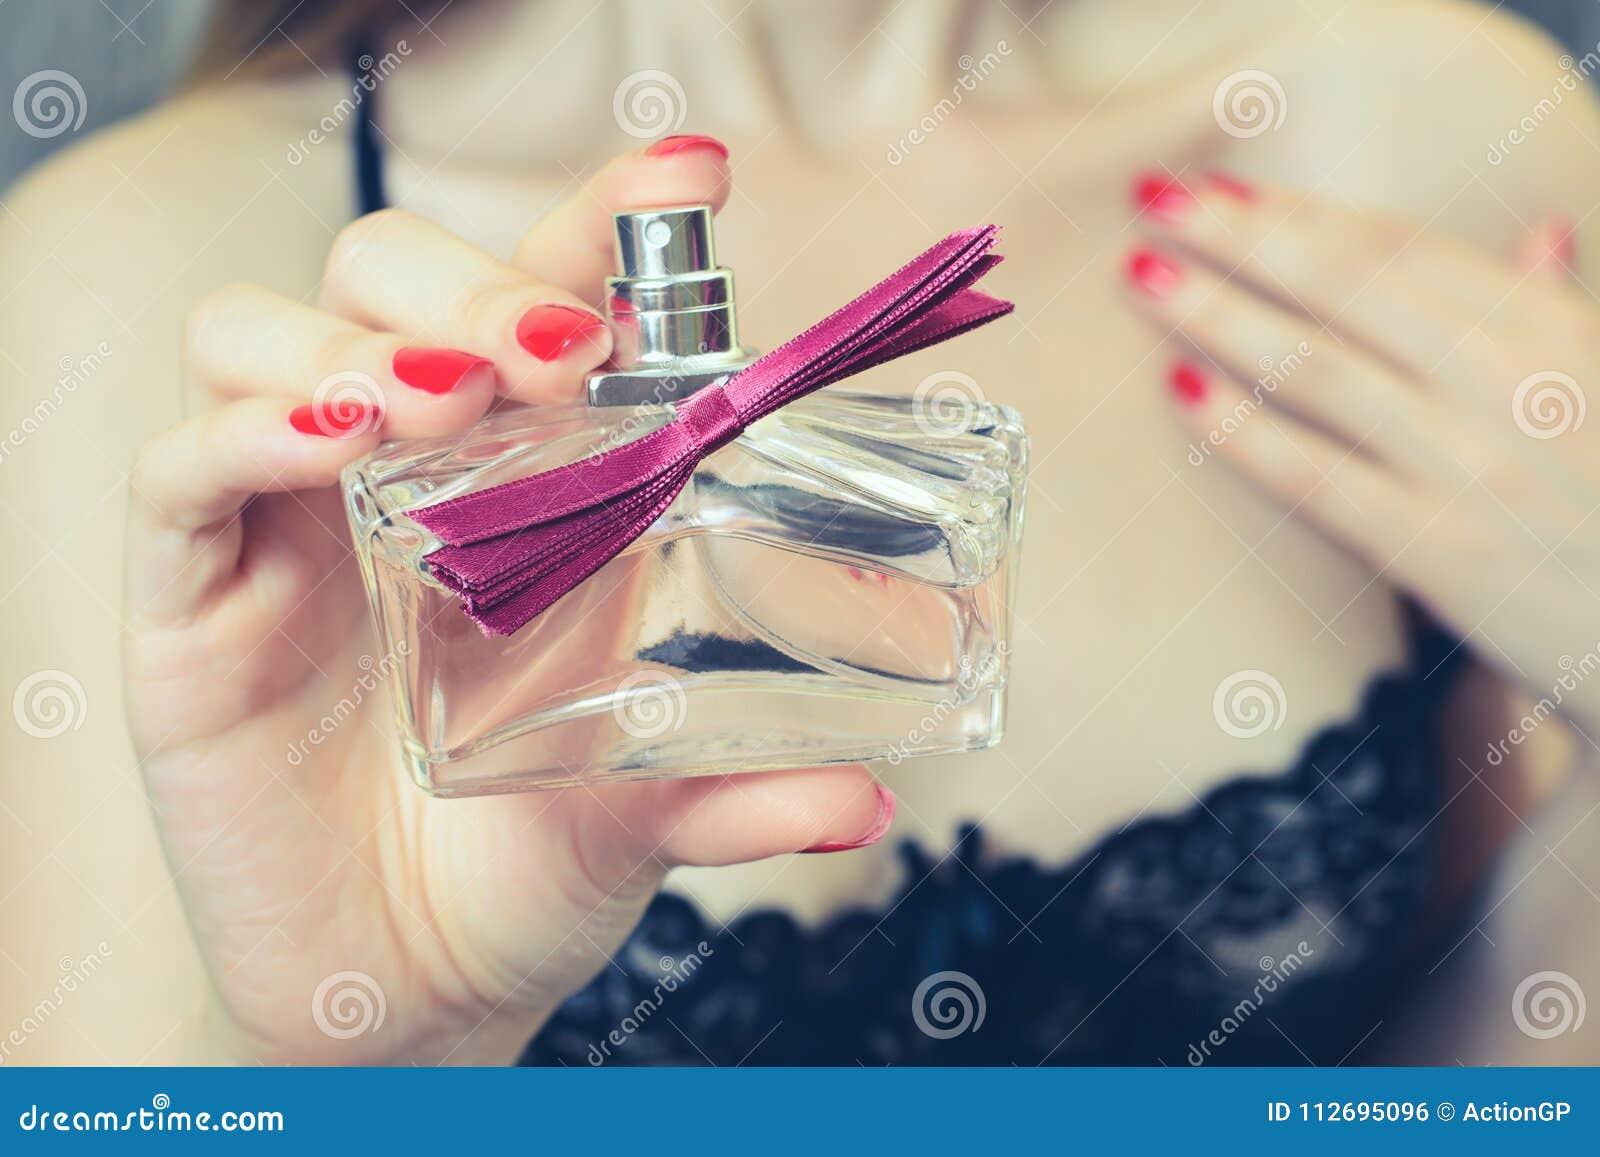 Chiuda sulla foto potata di vista Donna in vestiti seducenti che mostrano una bottiglia di profumo, bello wo sessuale sexy attrae